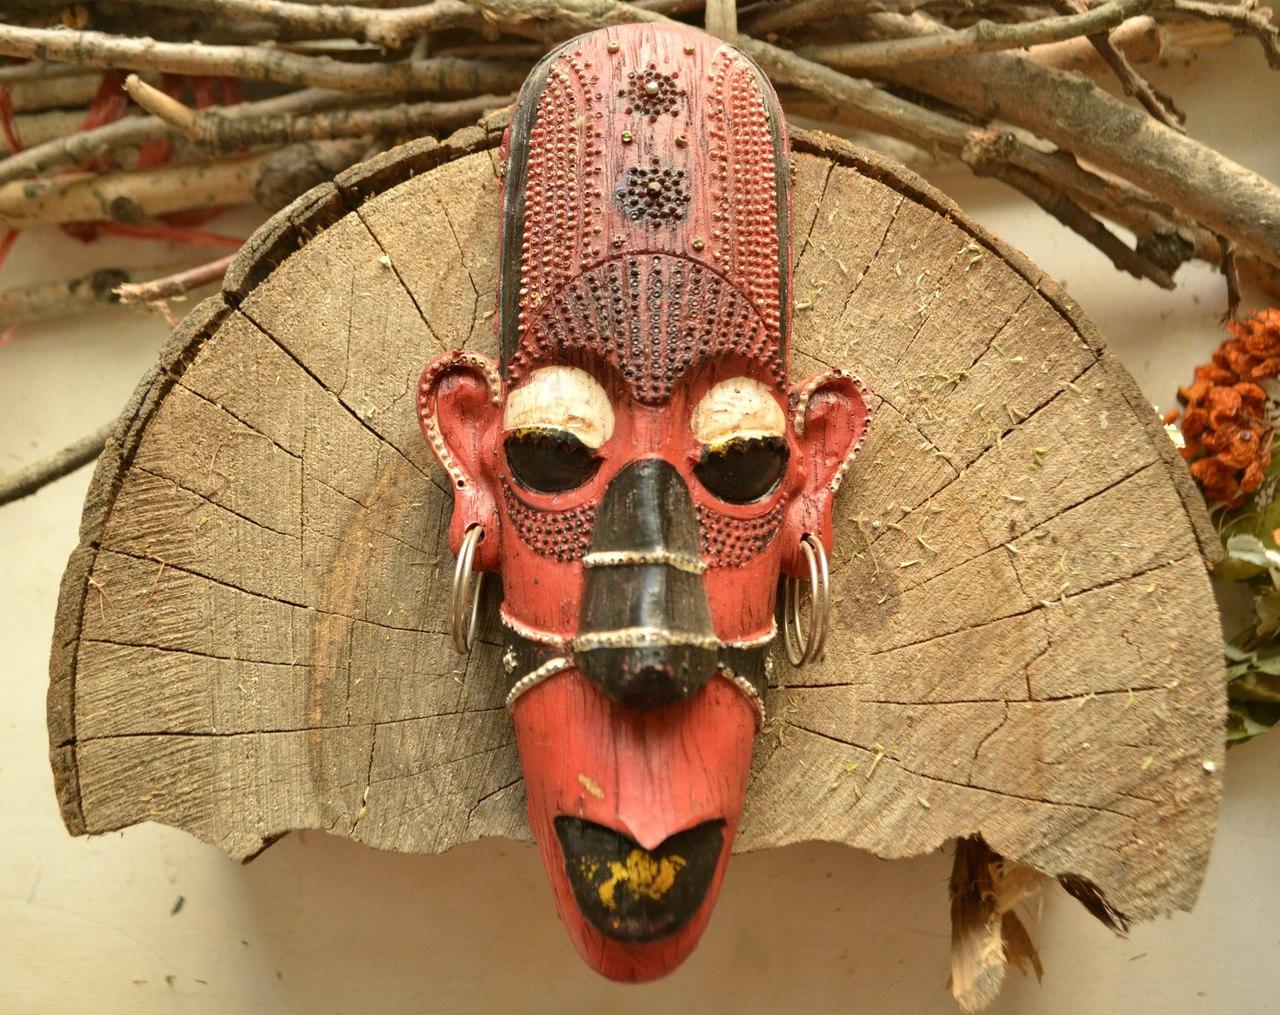 описаниемасок - Настенные маски с магическими программами.  DmtDhbbwduw